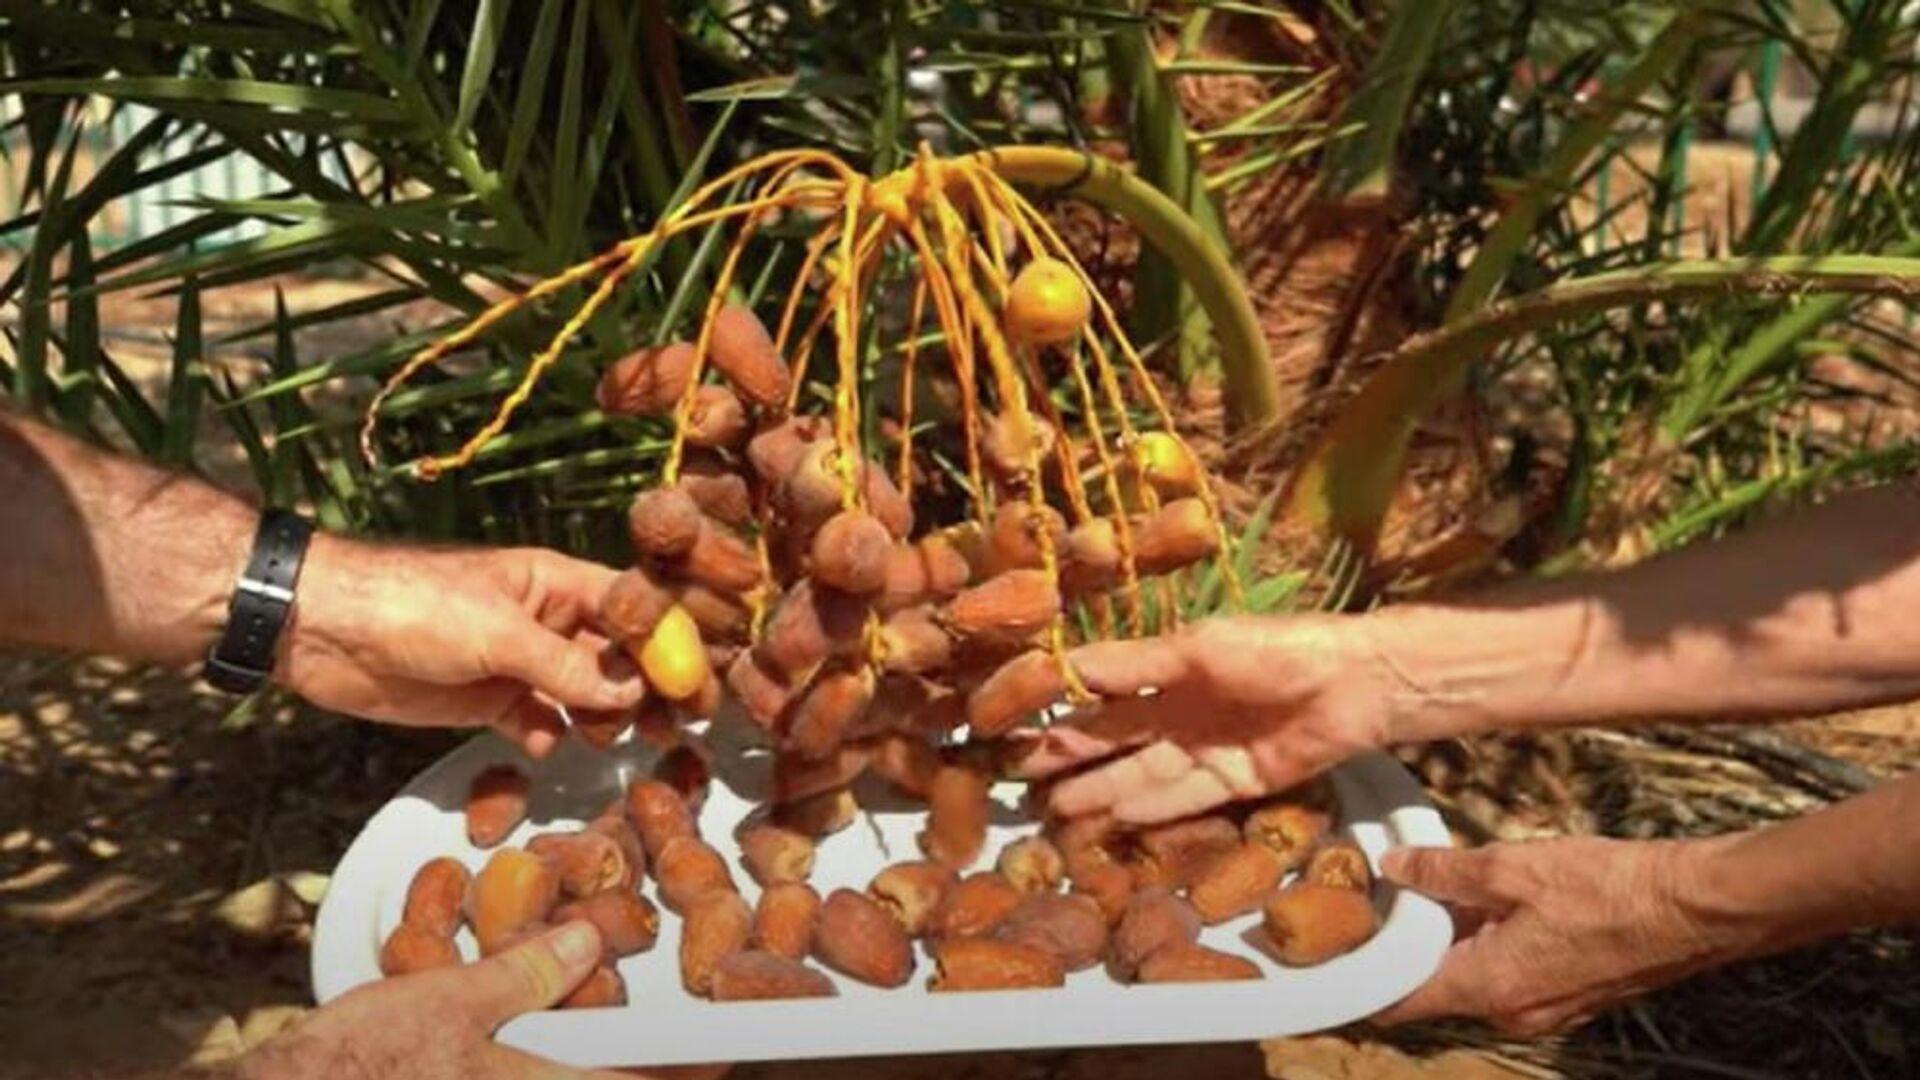 Επιστήμονες φύτεψαν αρχαίους σπόρους 2.000 ετών και έβγαλαν χουρμάδες - Sputnik Ελλάδα, 1920, 09.10.2021